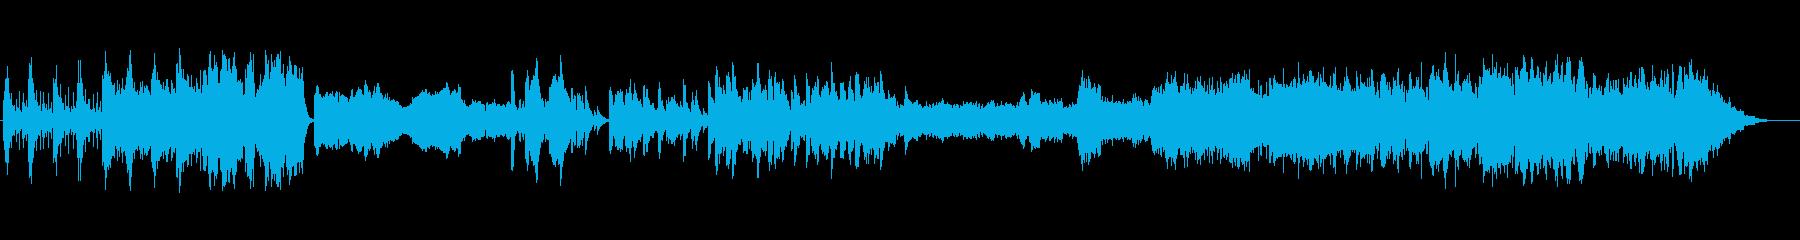 シンプルな楽器構成で美しいアンサンブルの再生済みの波形